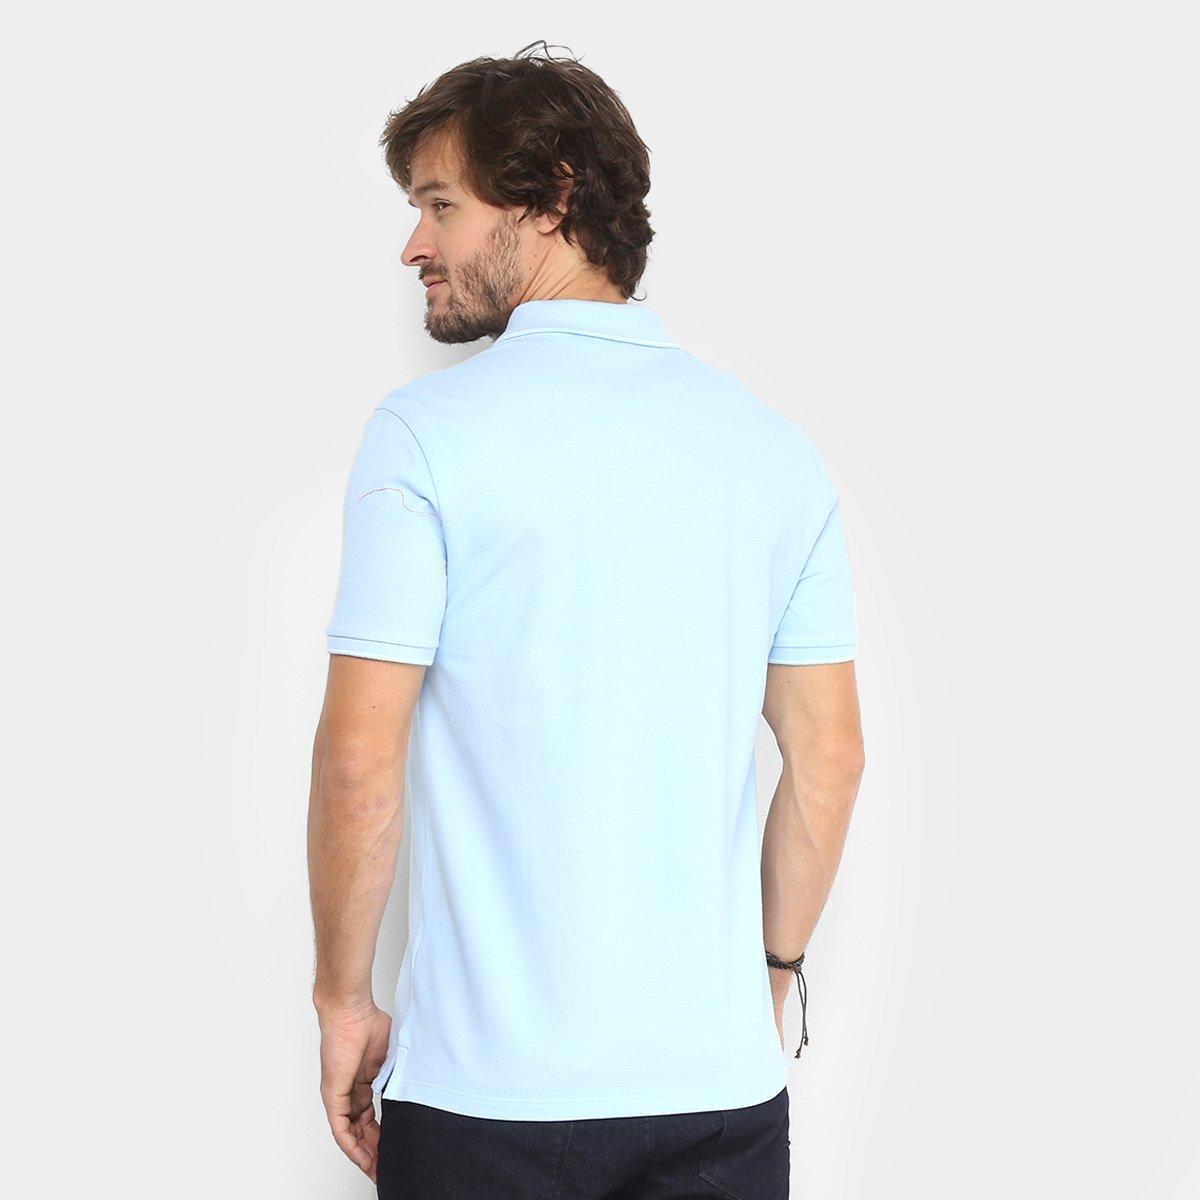 Camisa Polo Calvin Klein Slim Masculina - Azul Claro - Compre Agora ... 2b6ab8e4361fd